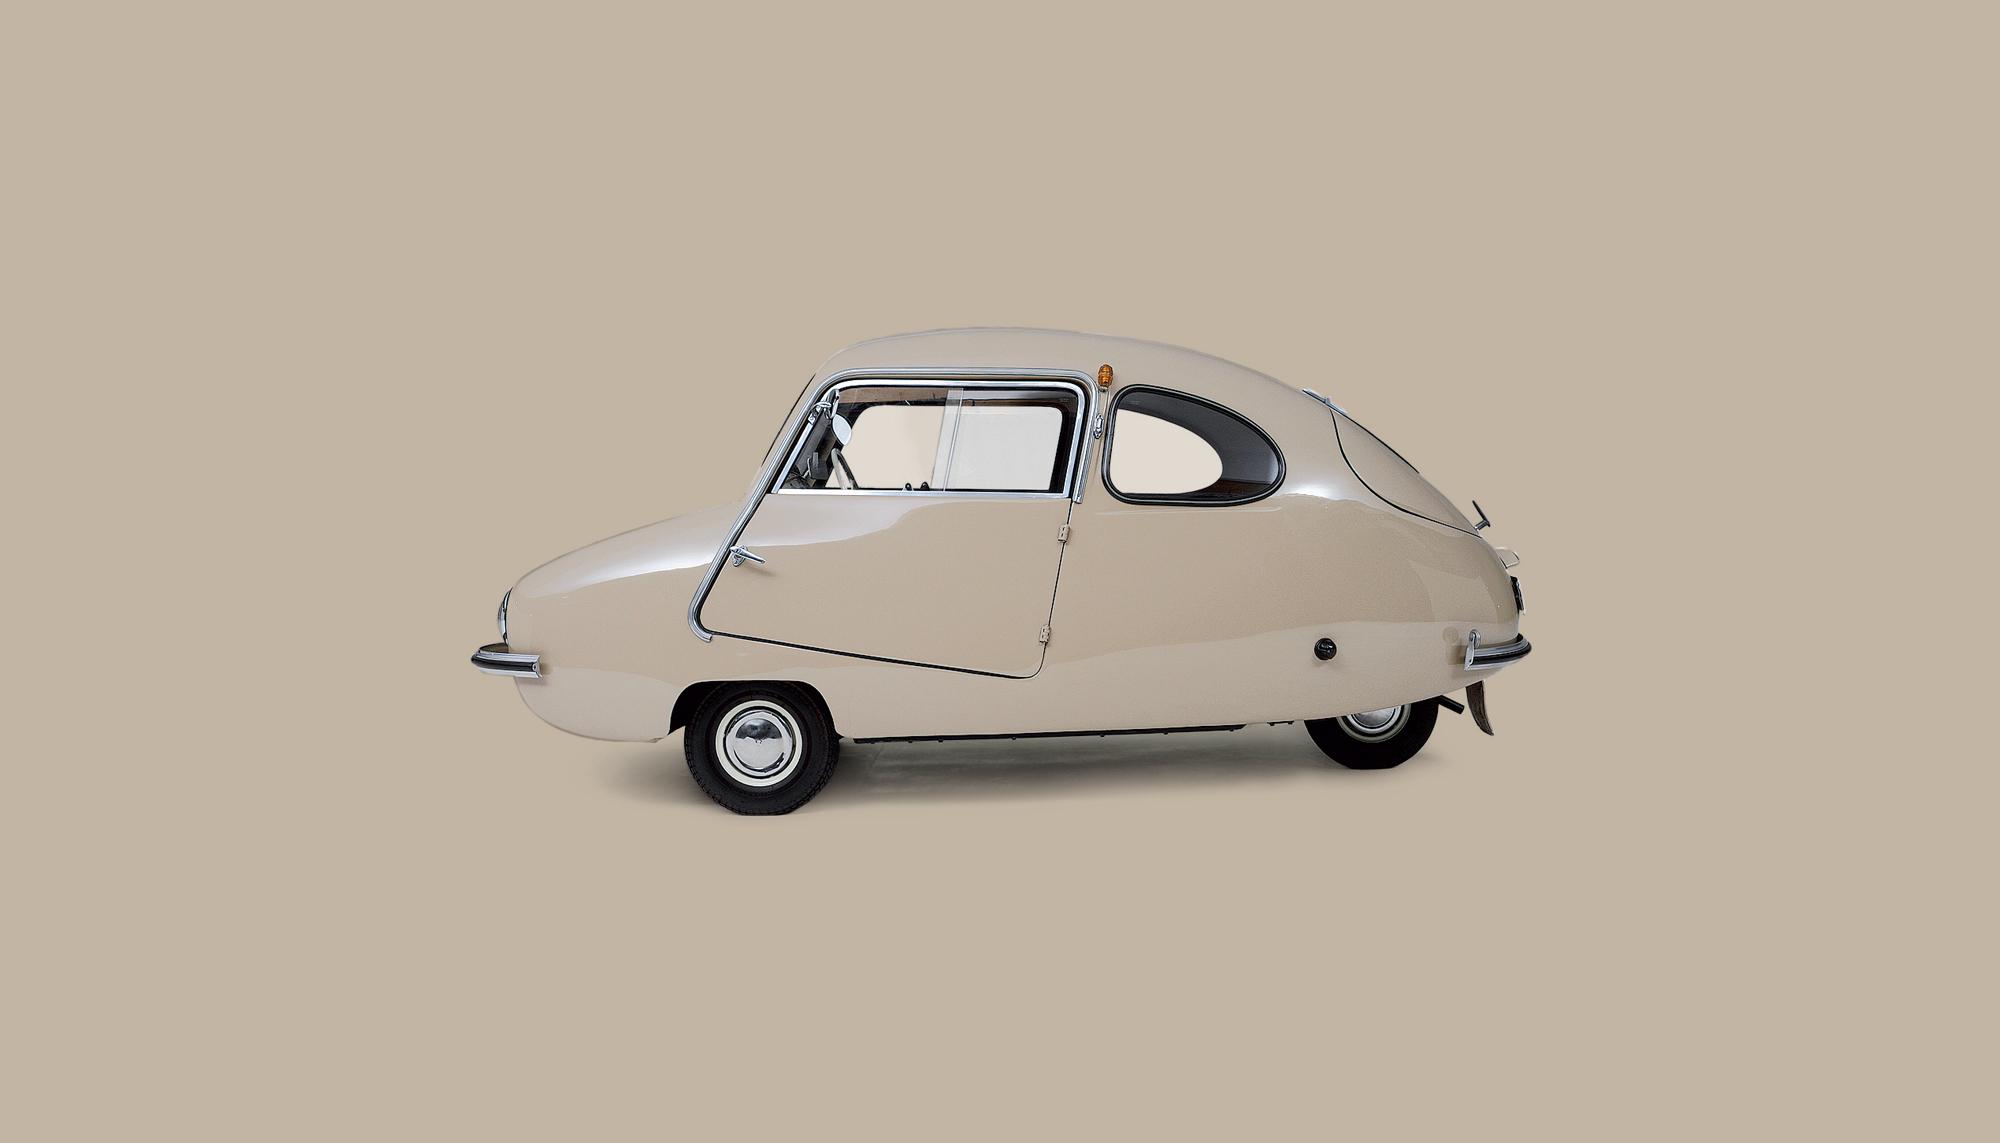 Bekijk Bambino 200 in het Louwman Museum